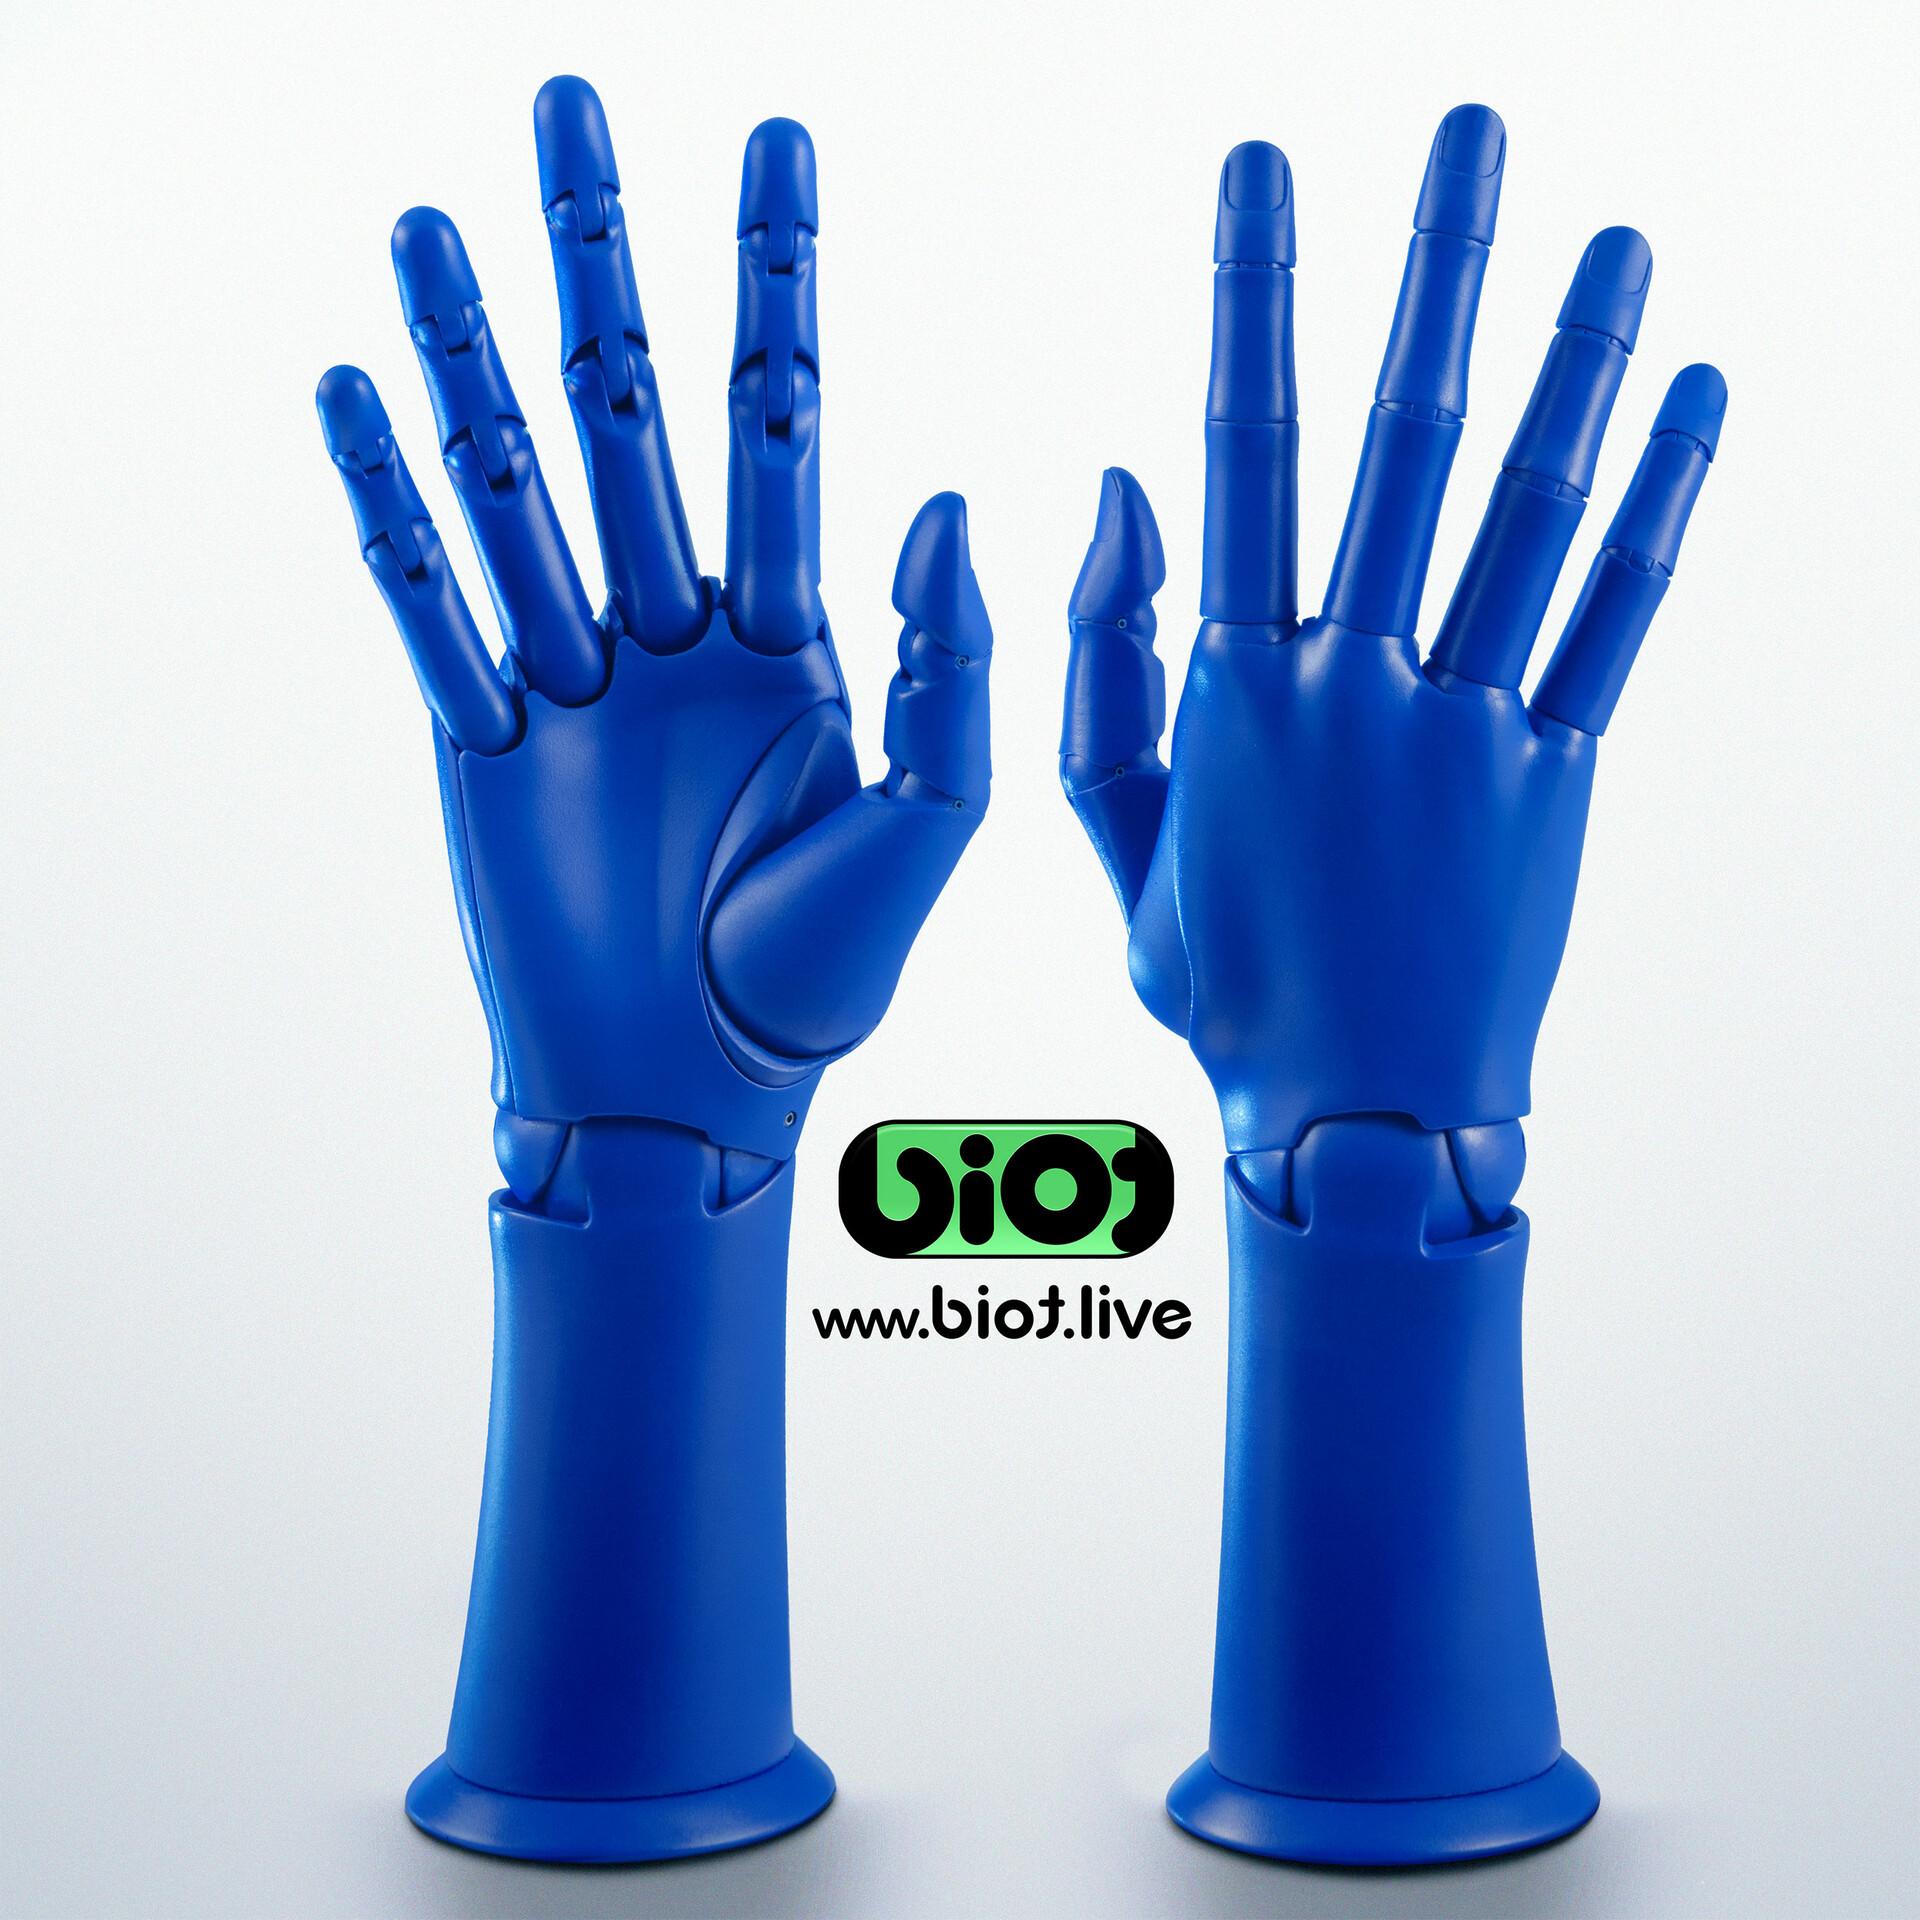 Sviatoslav gerasimchuk blue biot twin hand